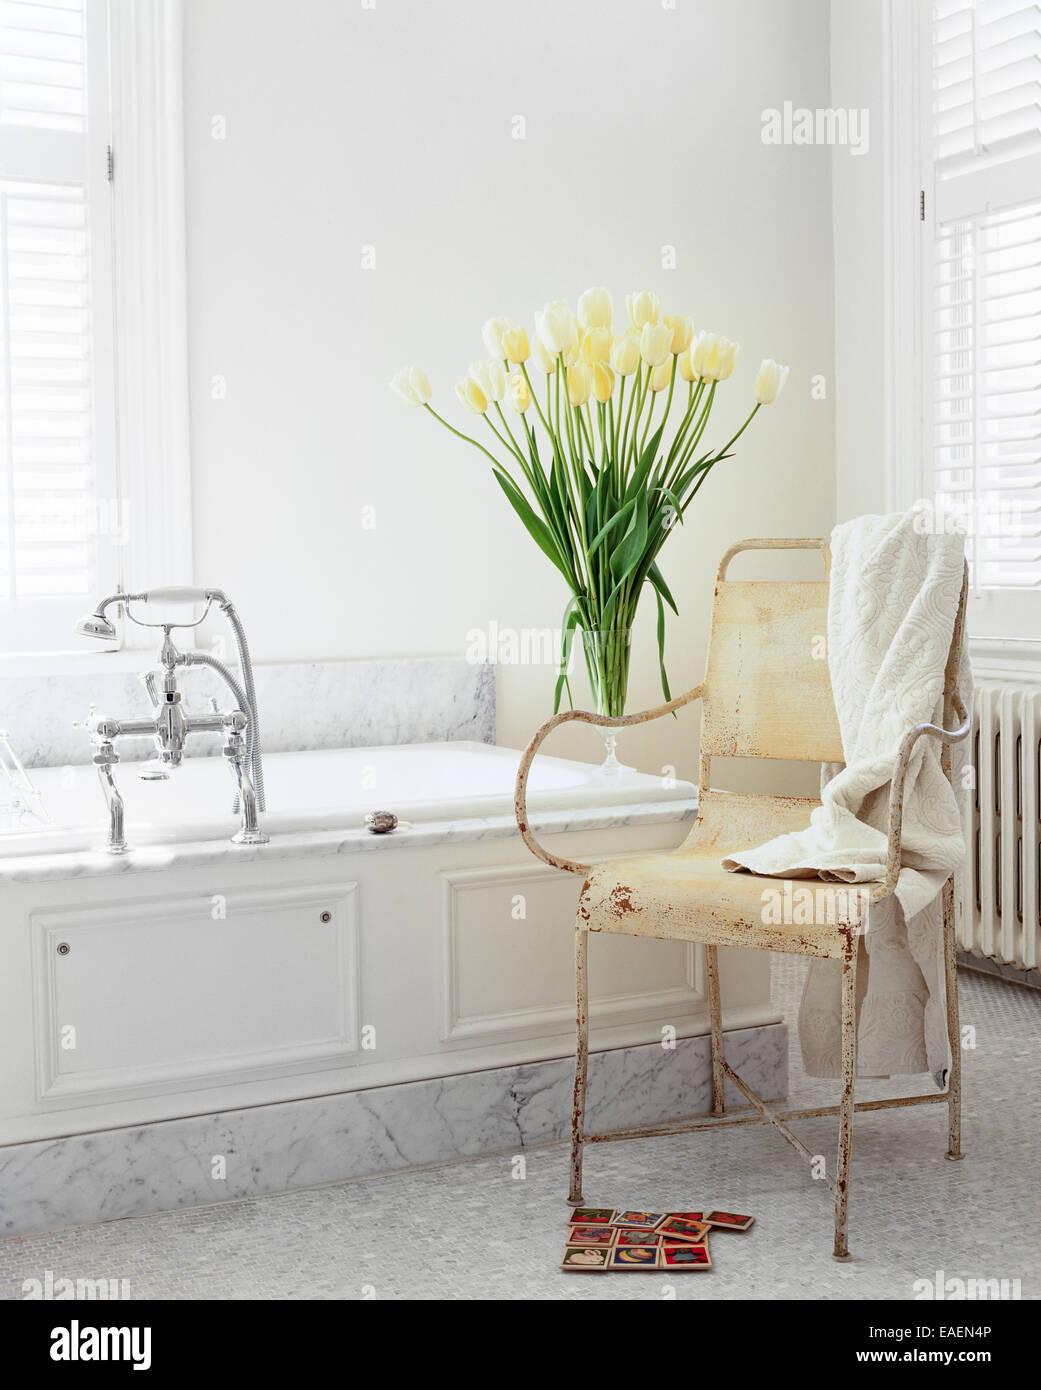 https://c8.alamy.com/comppt/eaen4p/chique-moderno-de-banho-branca-com-marmore-branco-tulipas-e-antigo-jardim-cadeira-eaen4p.jpg